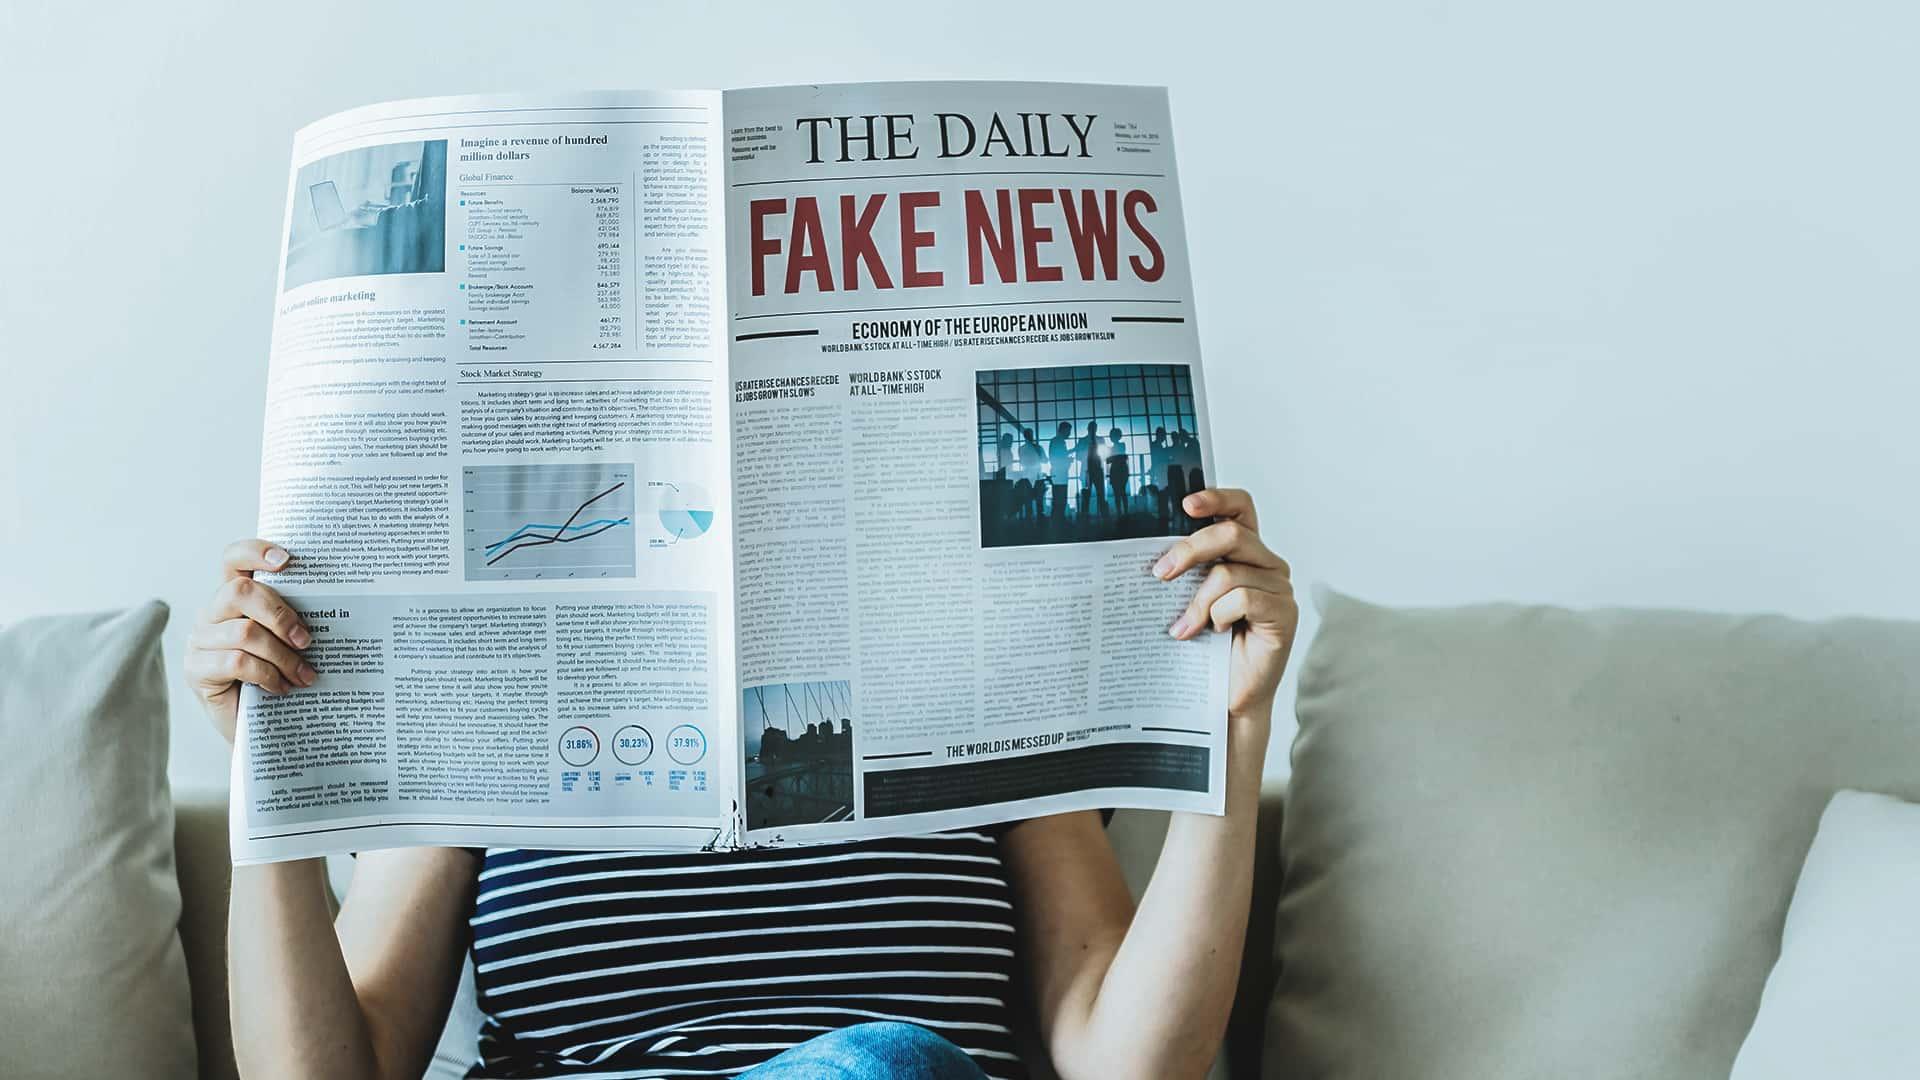 Fanboy e fake news copertina